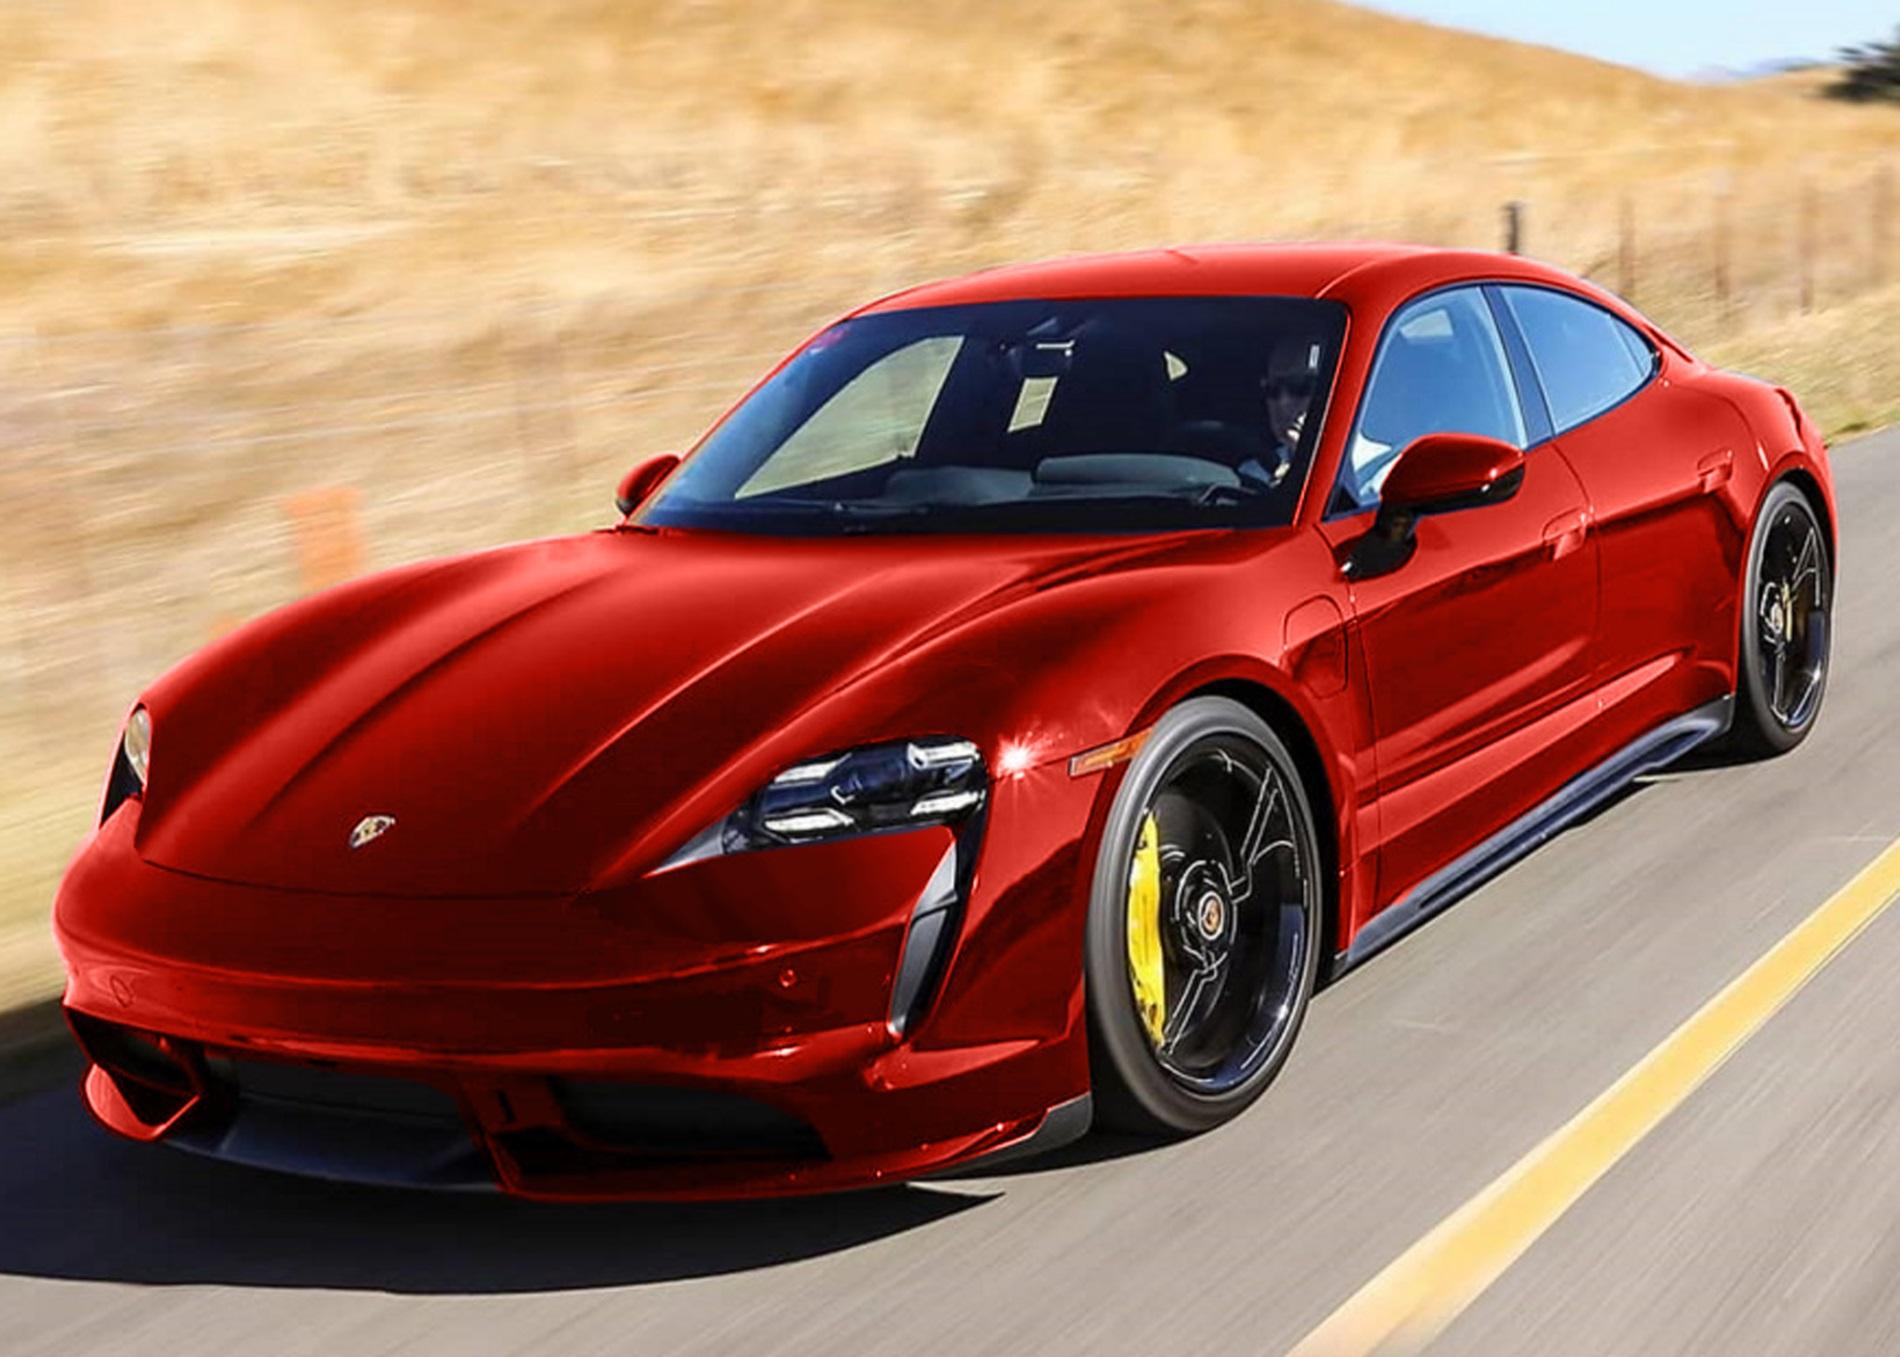 Porsche-Taycan-renderings-7